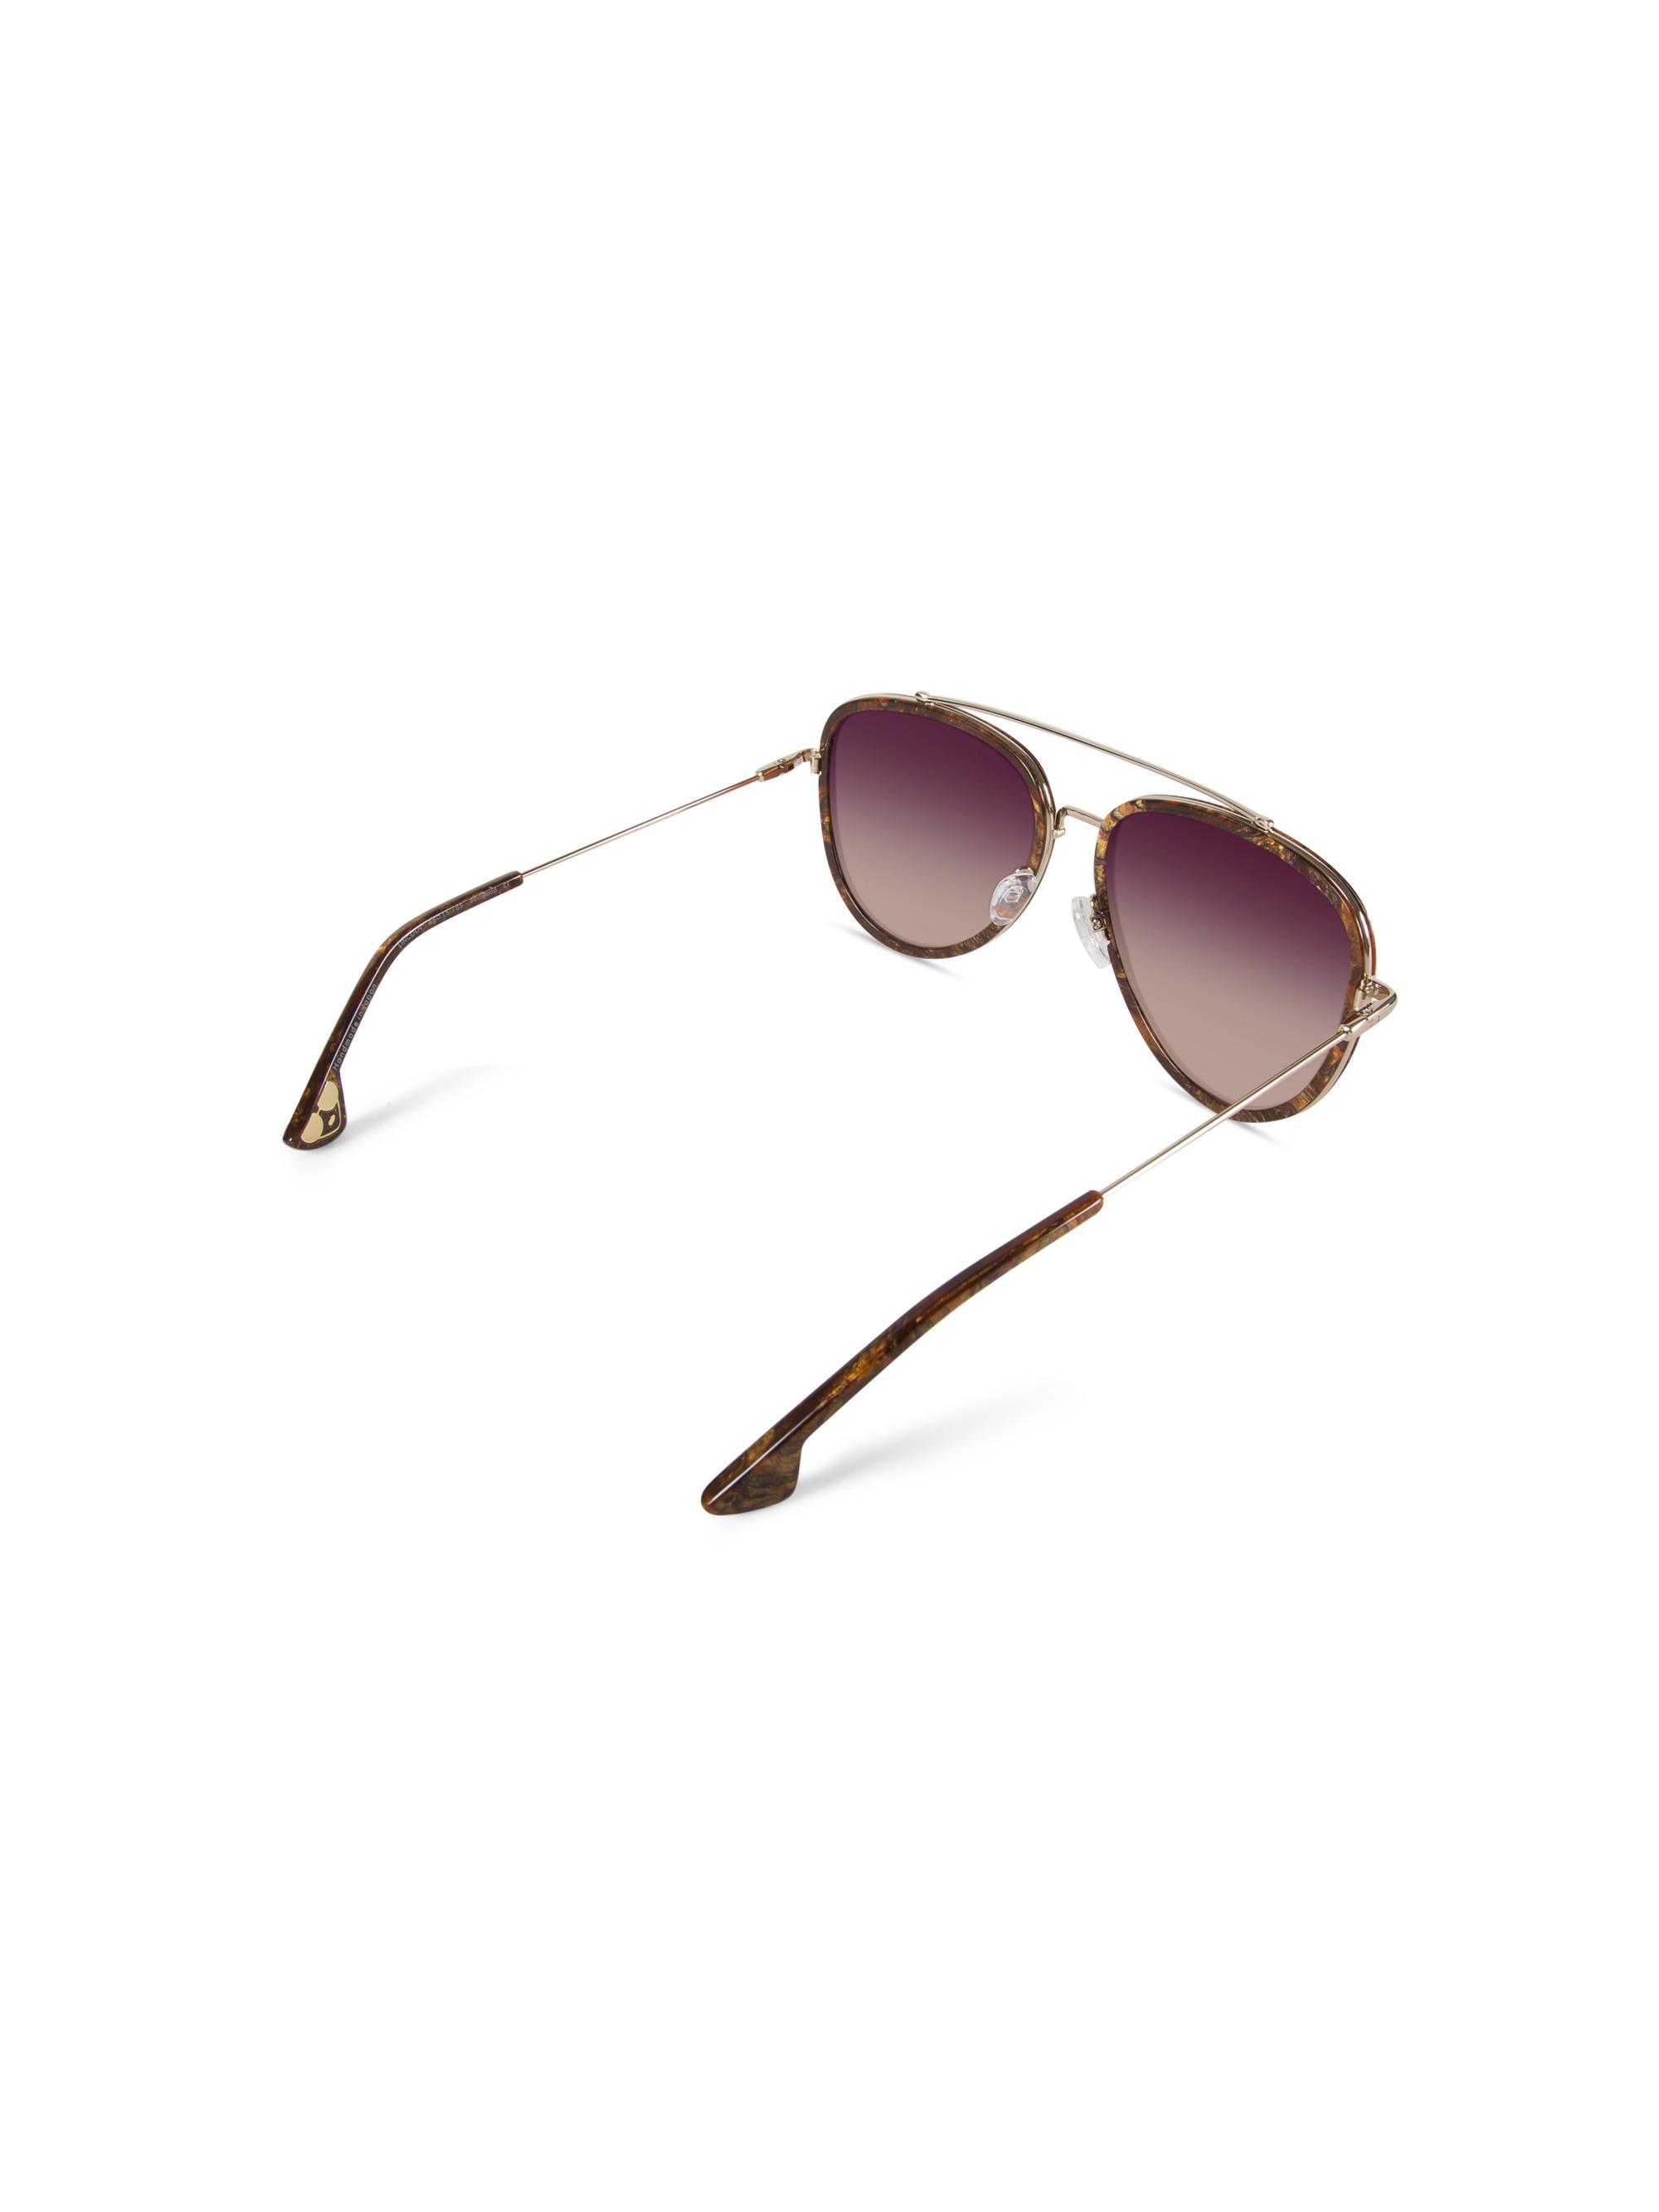 Alice + Olivia Lincoln Sunglasses